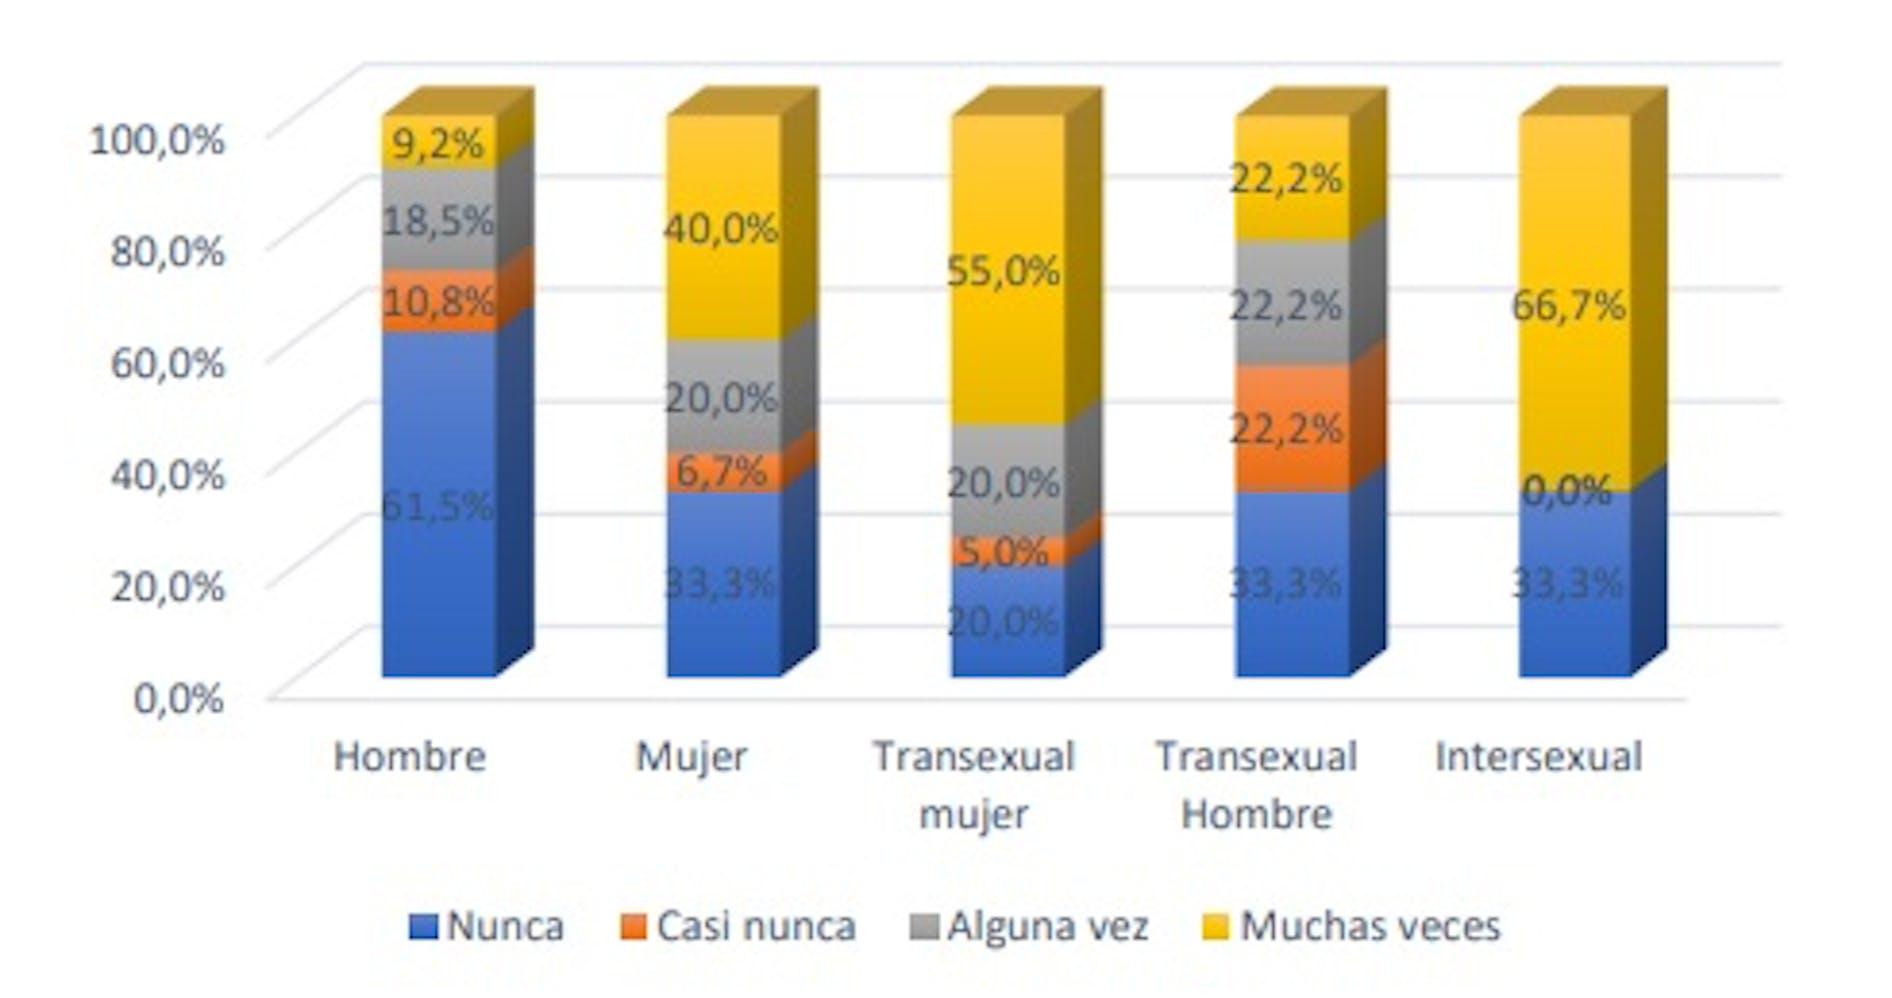 Discriminación percibida por identidad de género en las personas LGTBI. Giménez,S.et al.(2019),p.32, Author provided